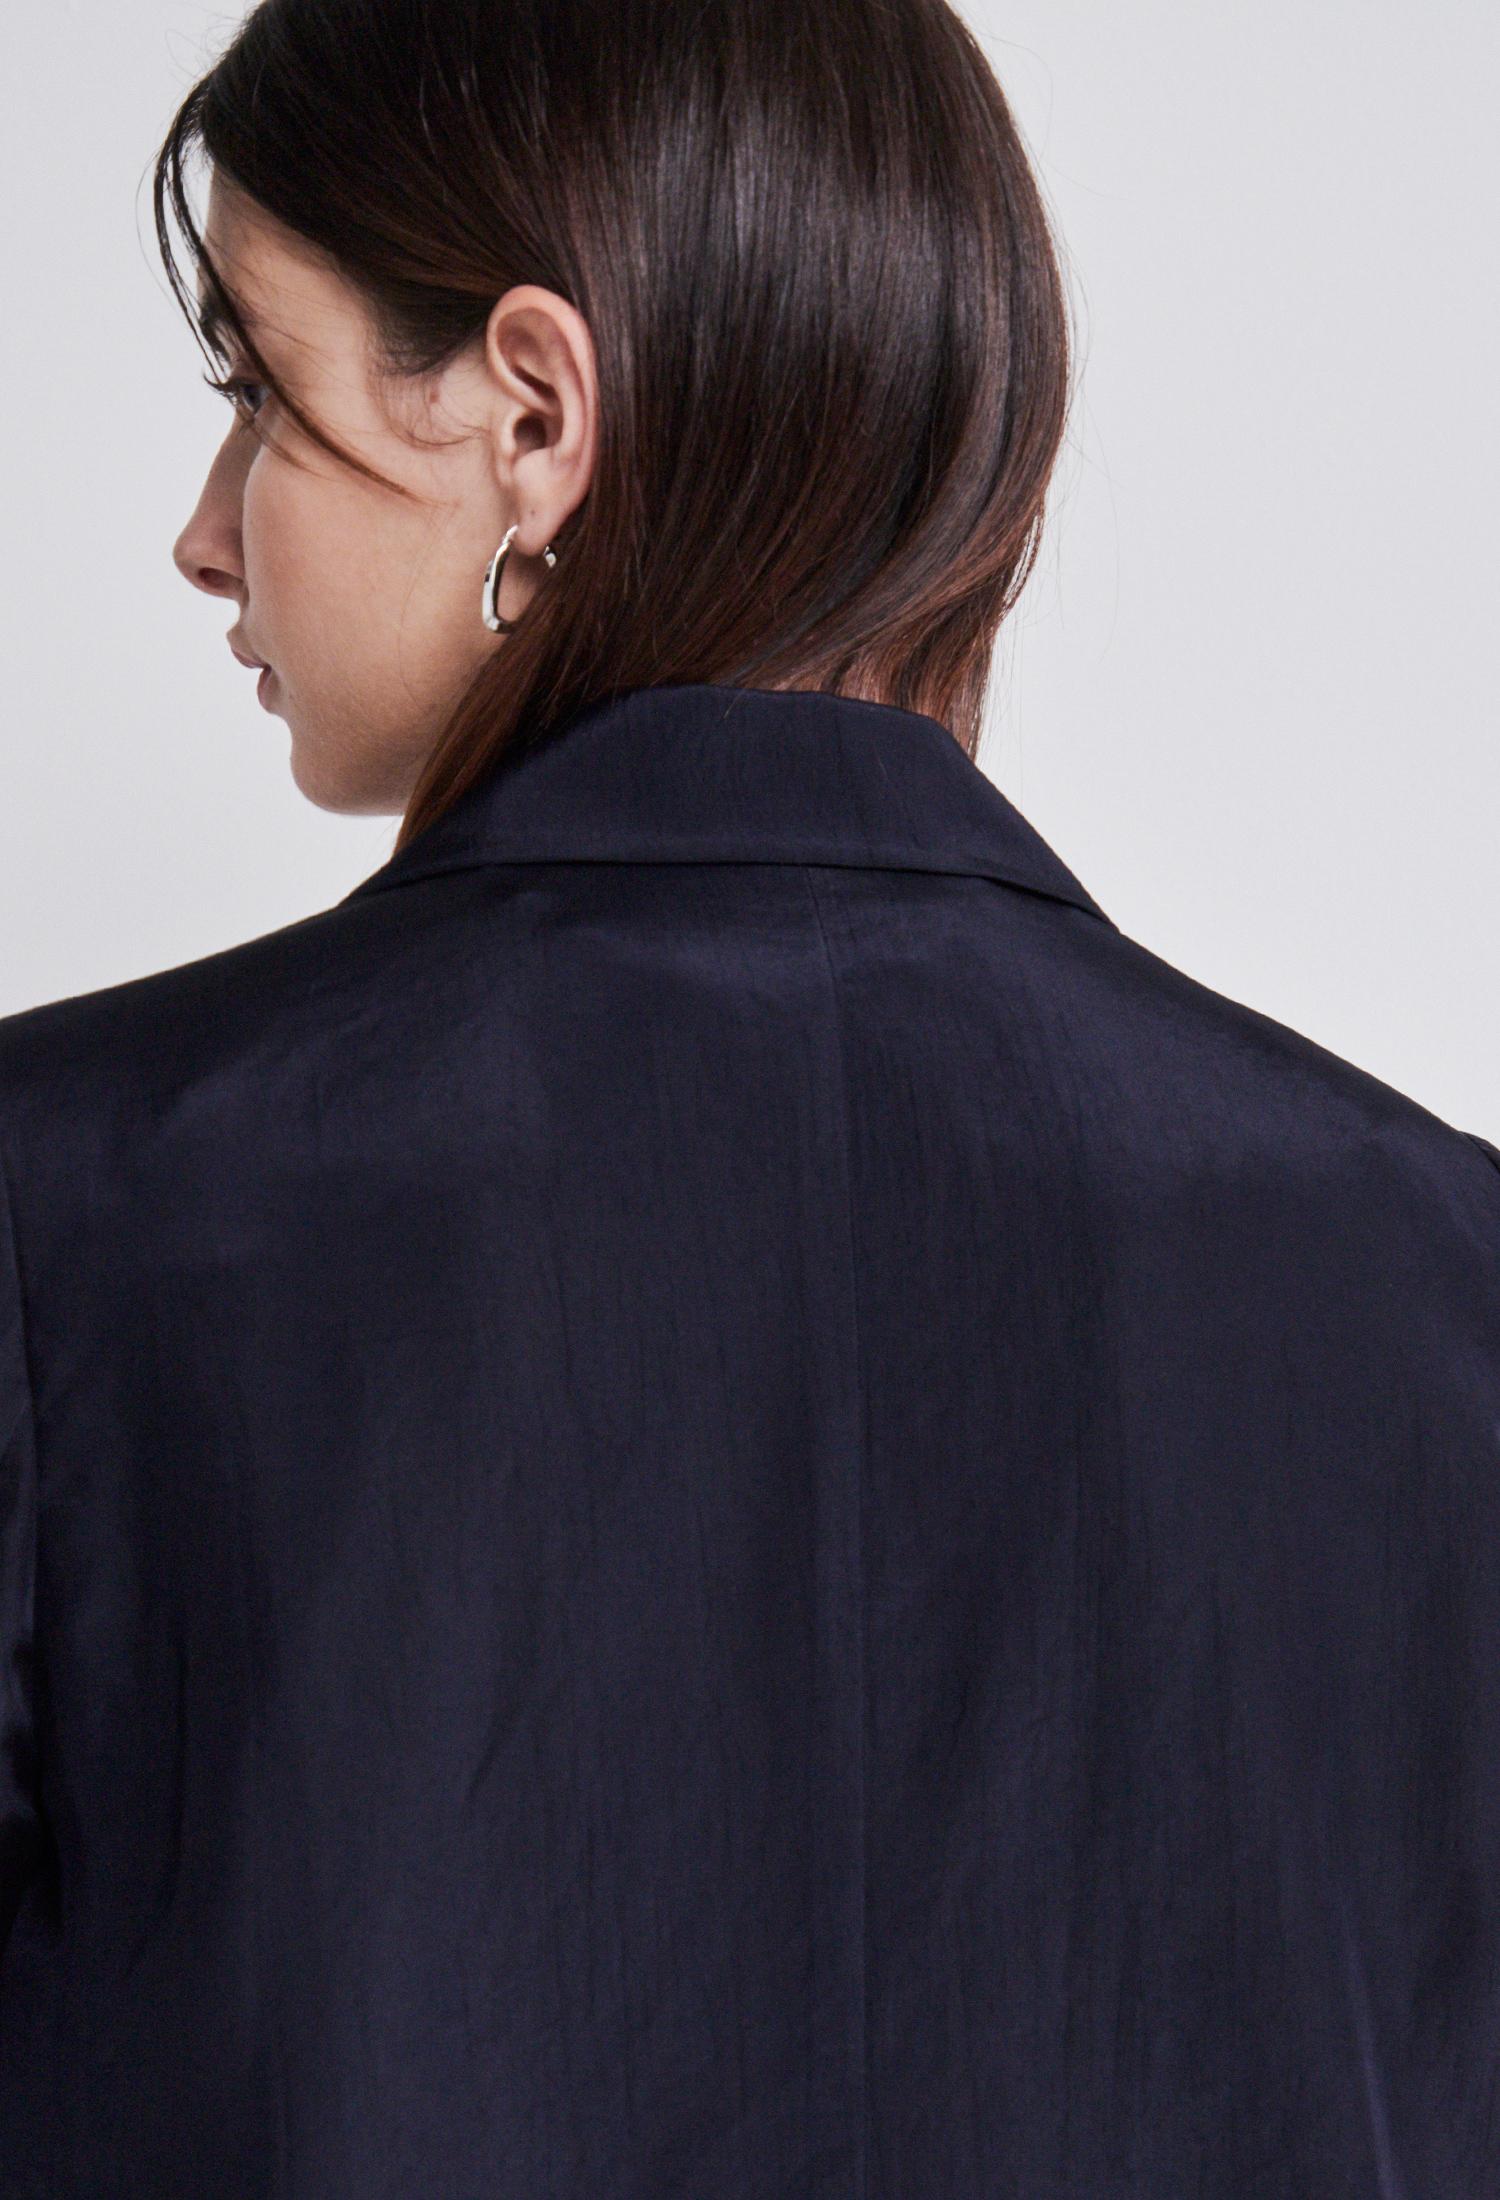 실키 싱글 재킷 (NAVY)